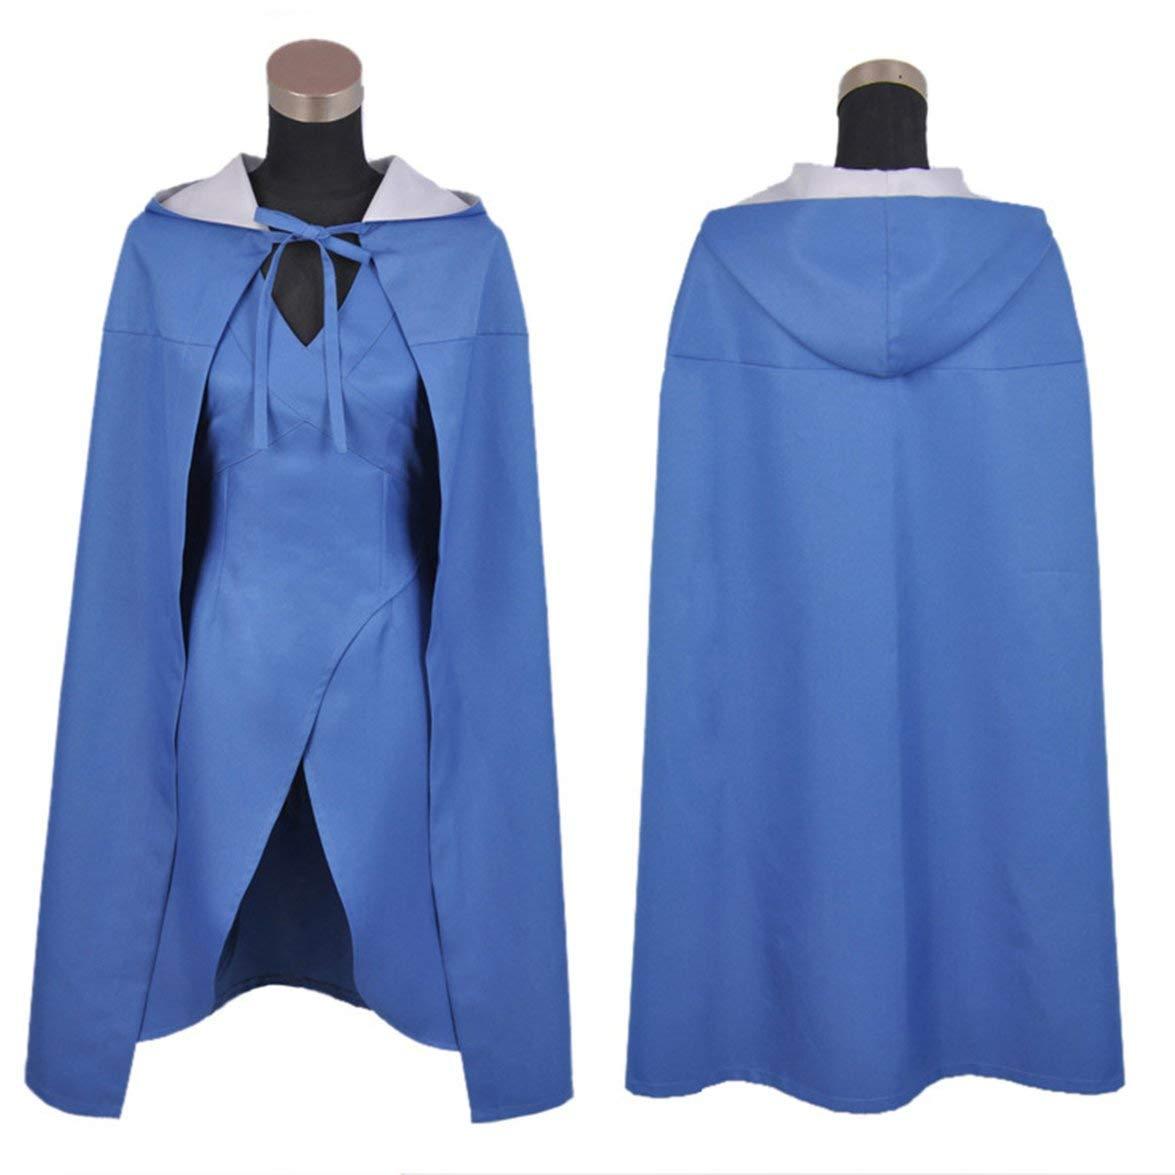 Kongqiabona Cosplay Sleeveless Strap Dress Strap Sleeveless Umhang Anzug Slim-Cut Halloween Party Kostüm Weihnachten Bühnenkostüm 75cbe9